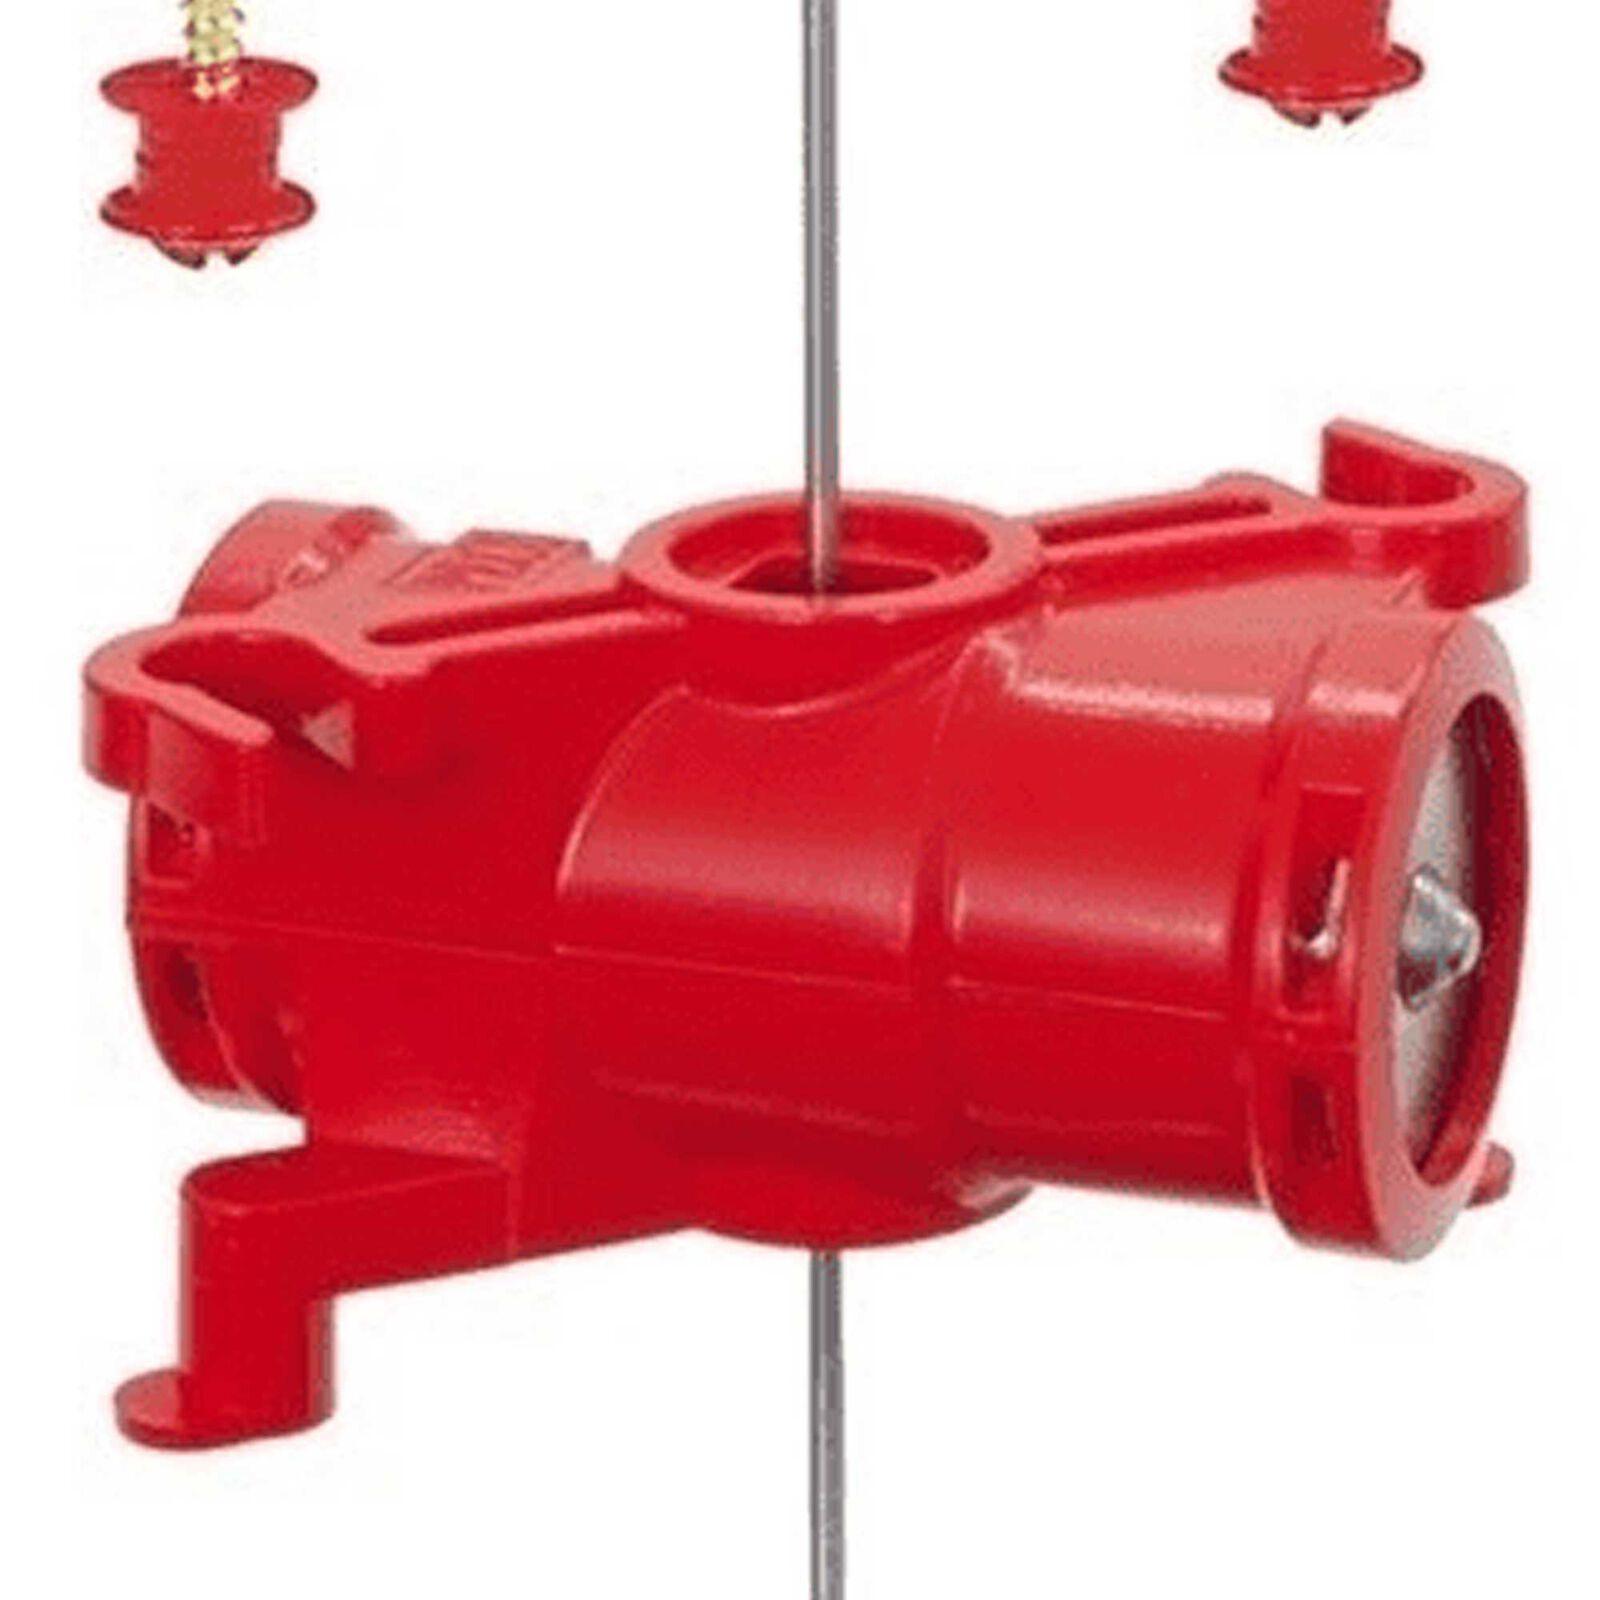 TwistLock Turnout Motor